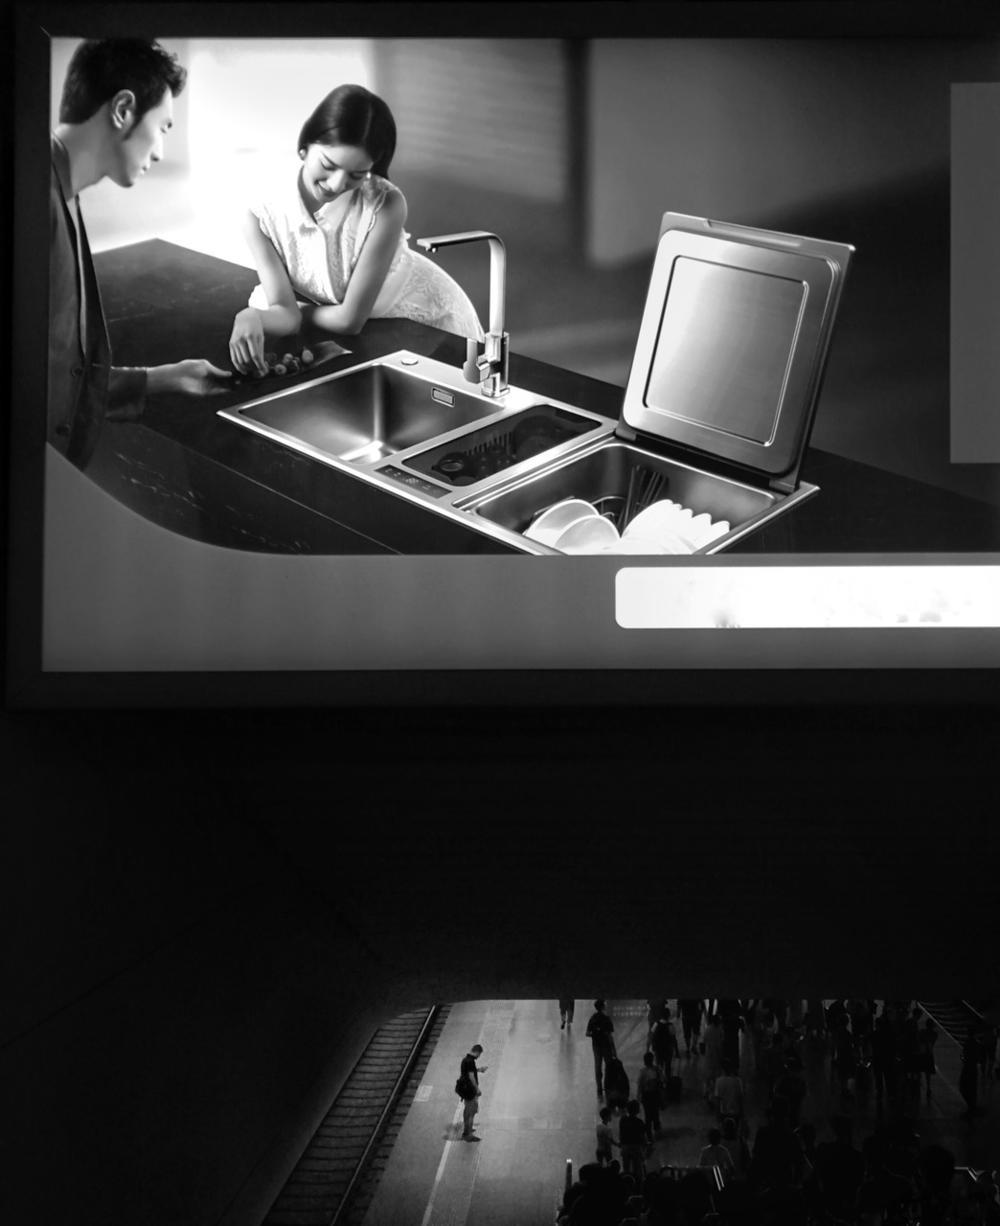 Путешествие, © 生活学习工作着, Конкурс мобильной фотографии Huawei